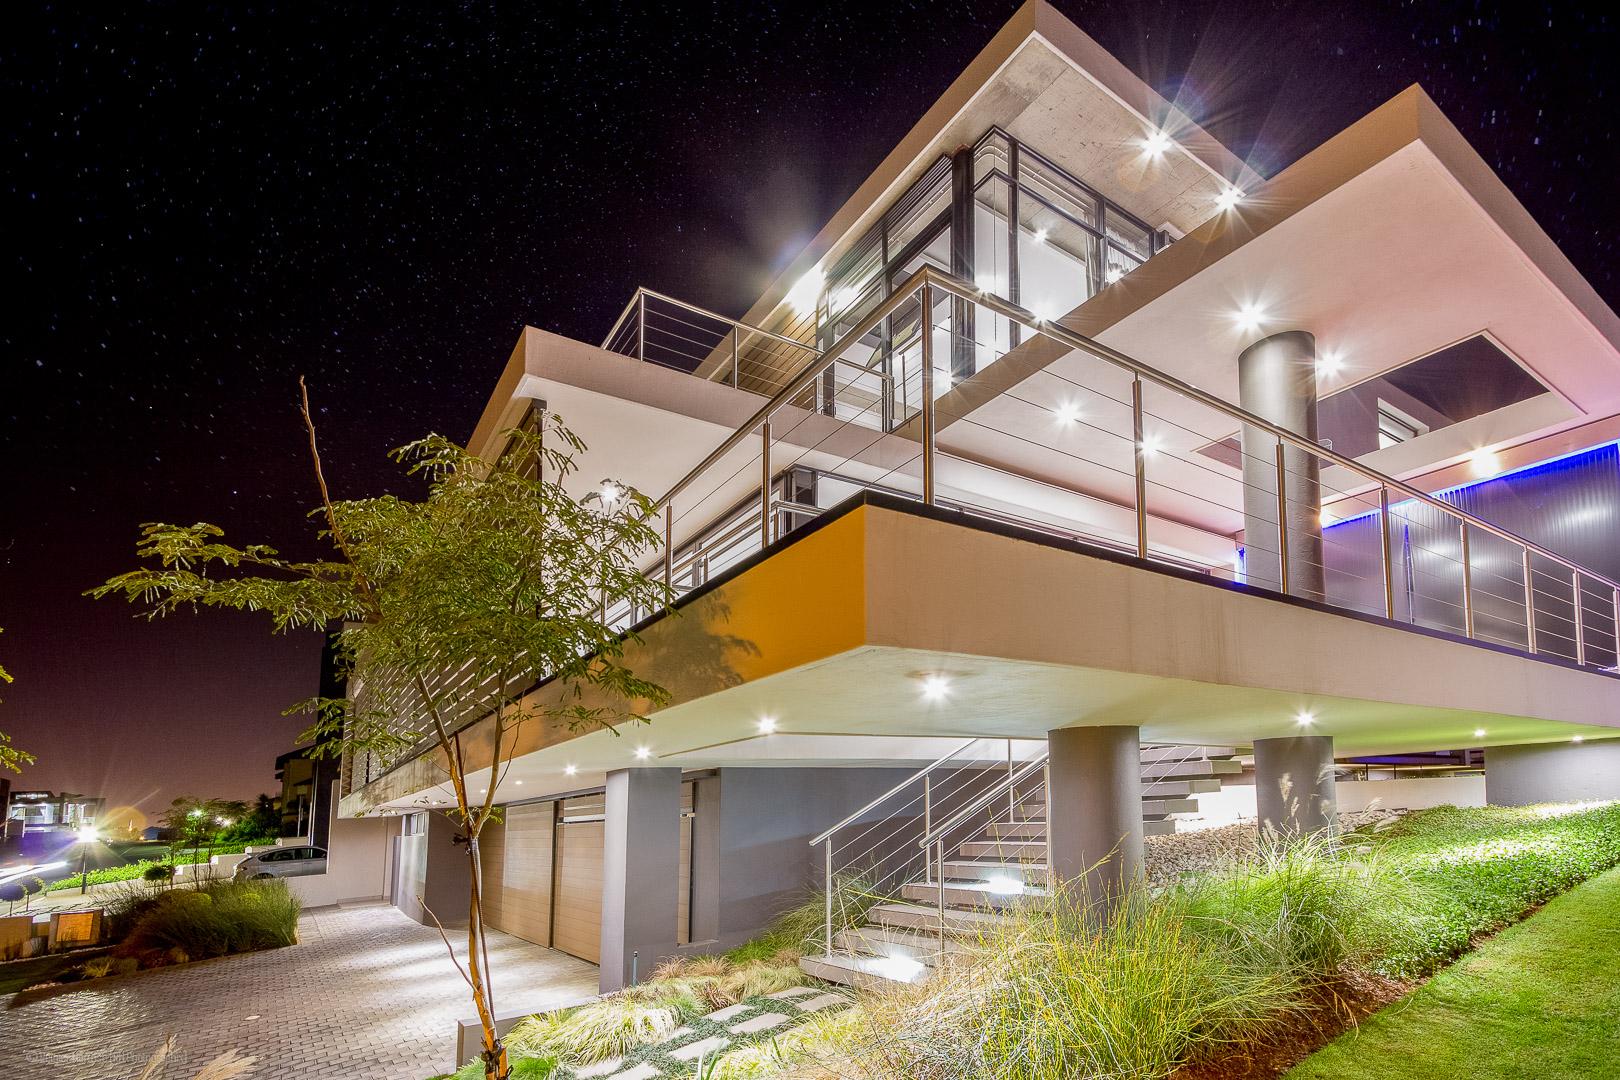 RHPX_Portfolio_House Vista-14